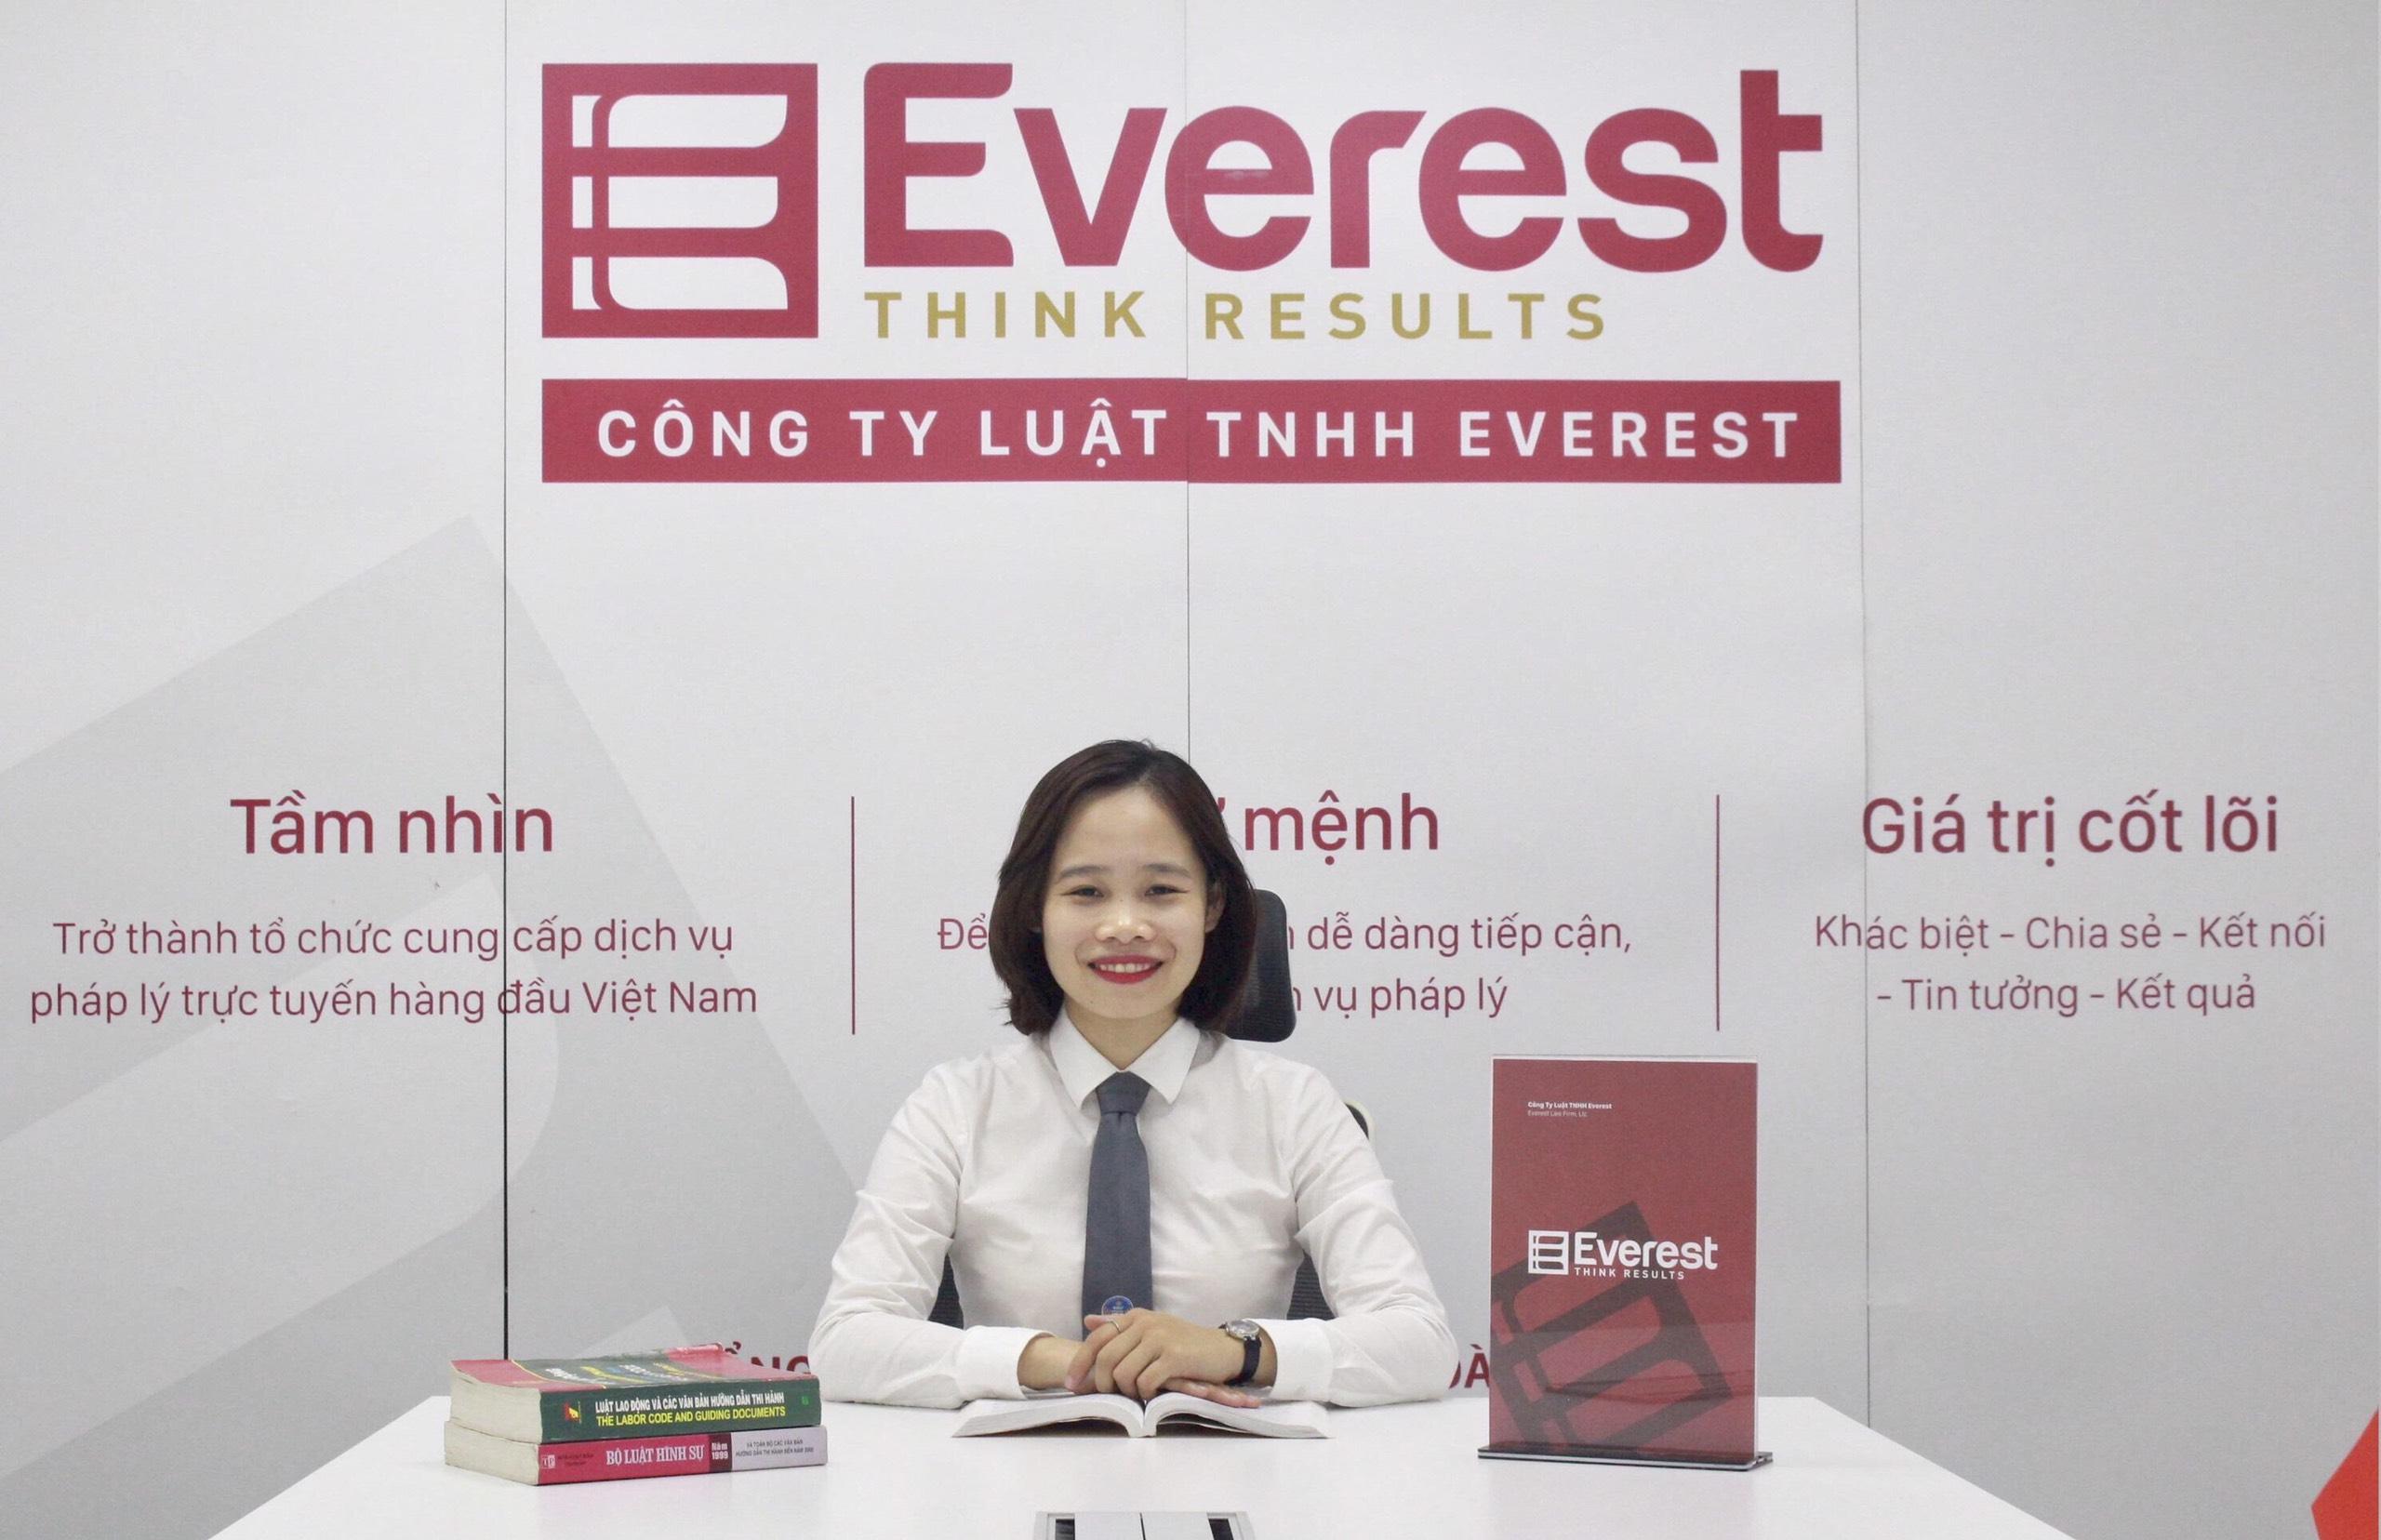 Luật sư Nguyễn Hoài Thương - Công ty Luật TNHH Everest - Tổng đài tư vấn (24/7): 19006198